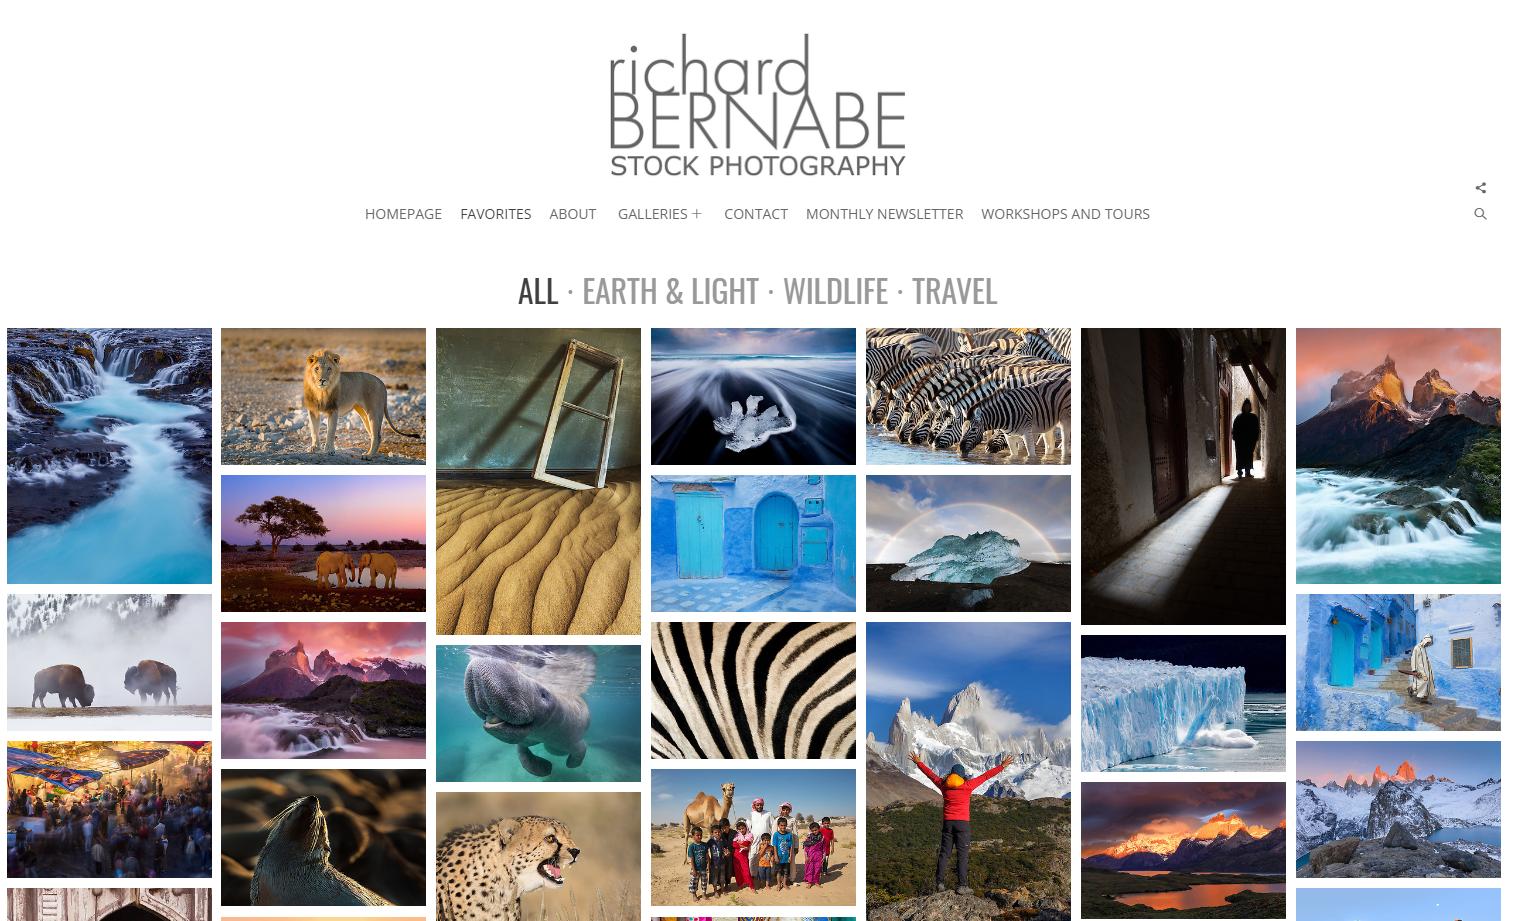 Richard Bernabe stock photography website using Photoshelter